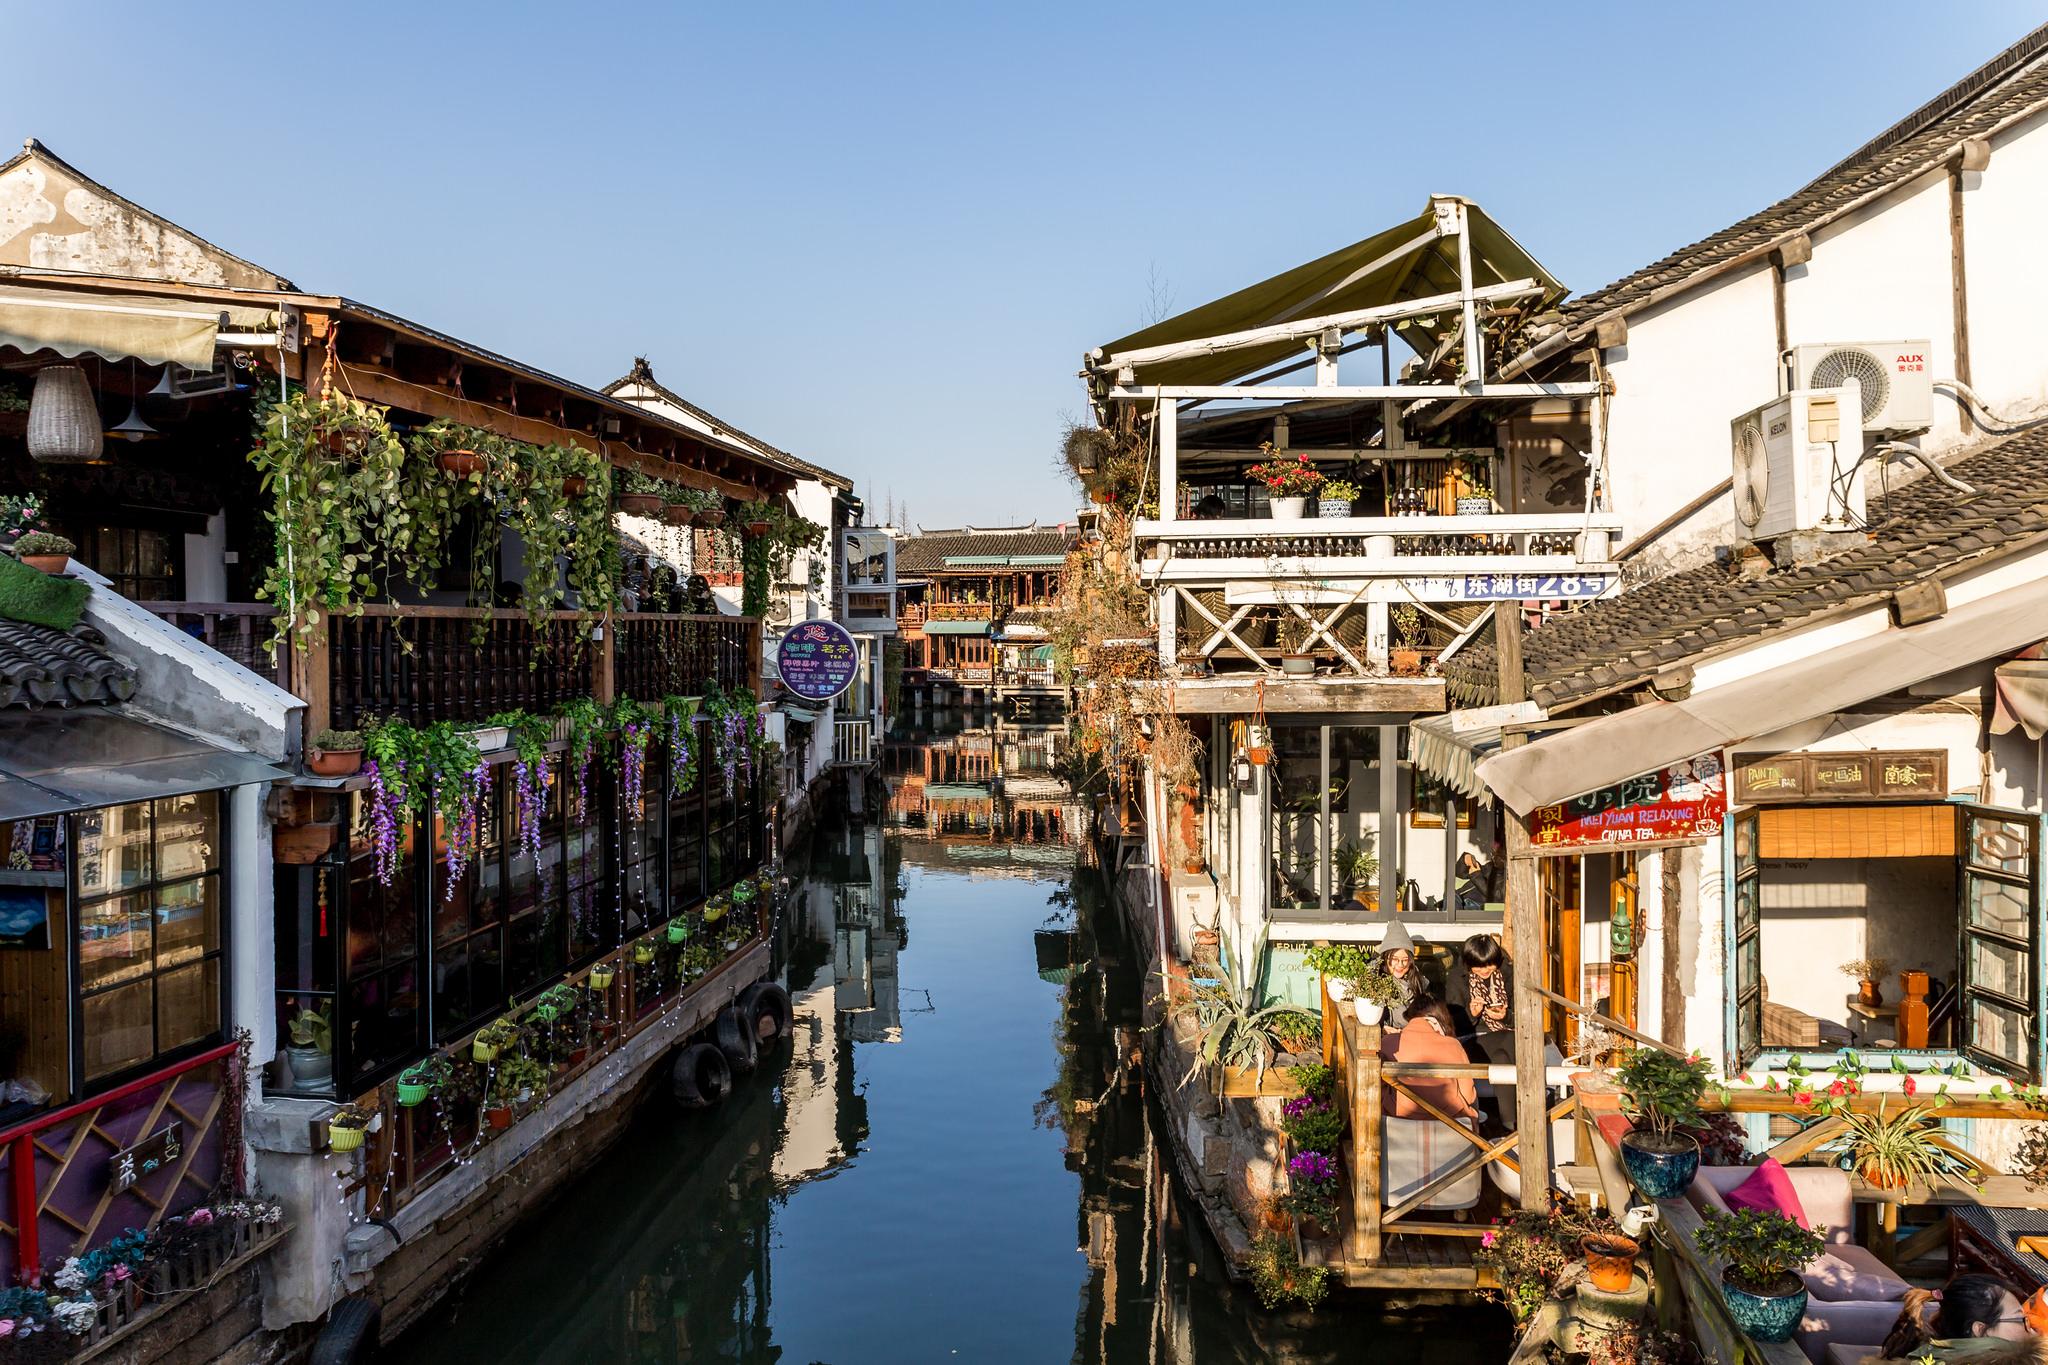 Cruising the Canals - Zhujiajiao, China